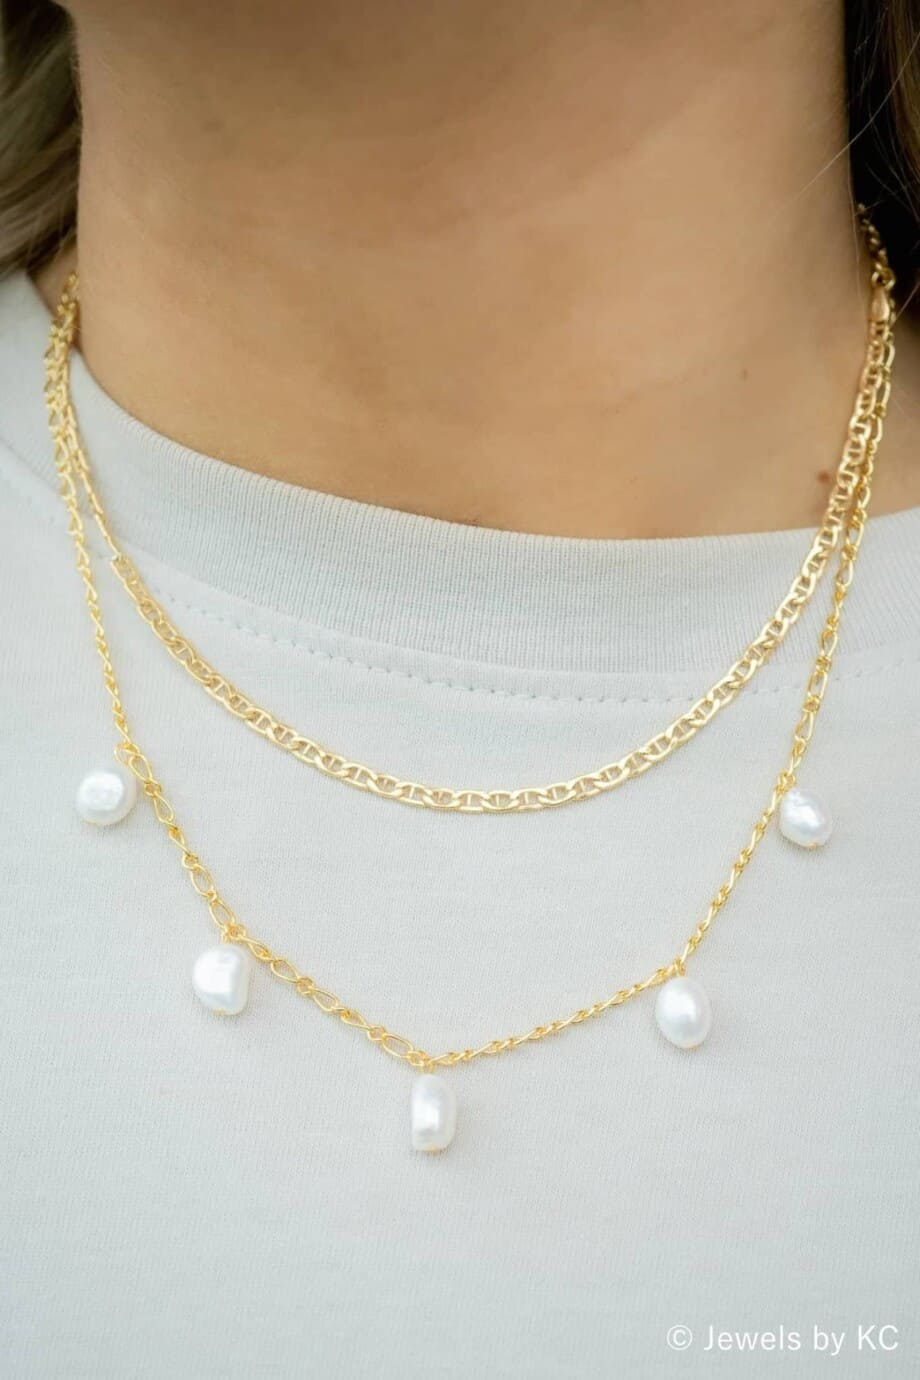 Gouden 'Hooked chain' ketting van Goud op Zilver